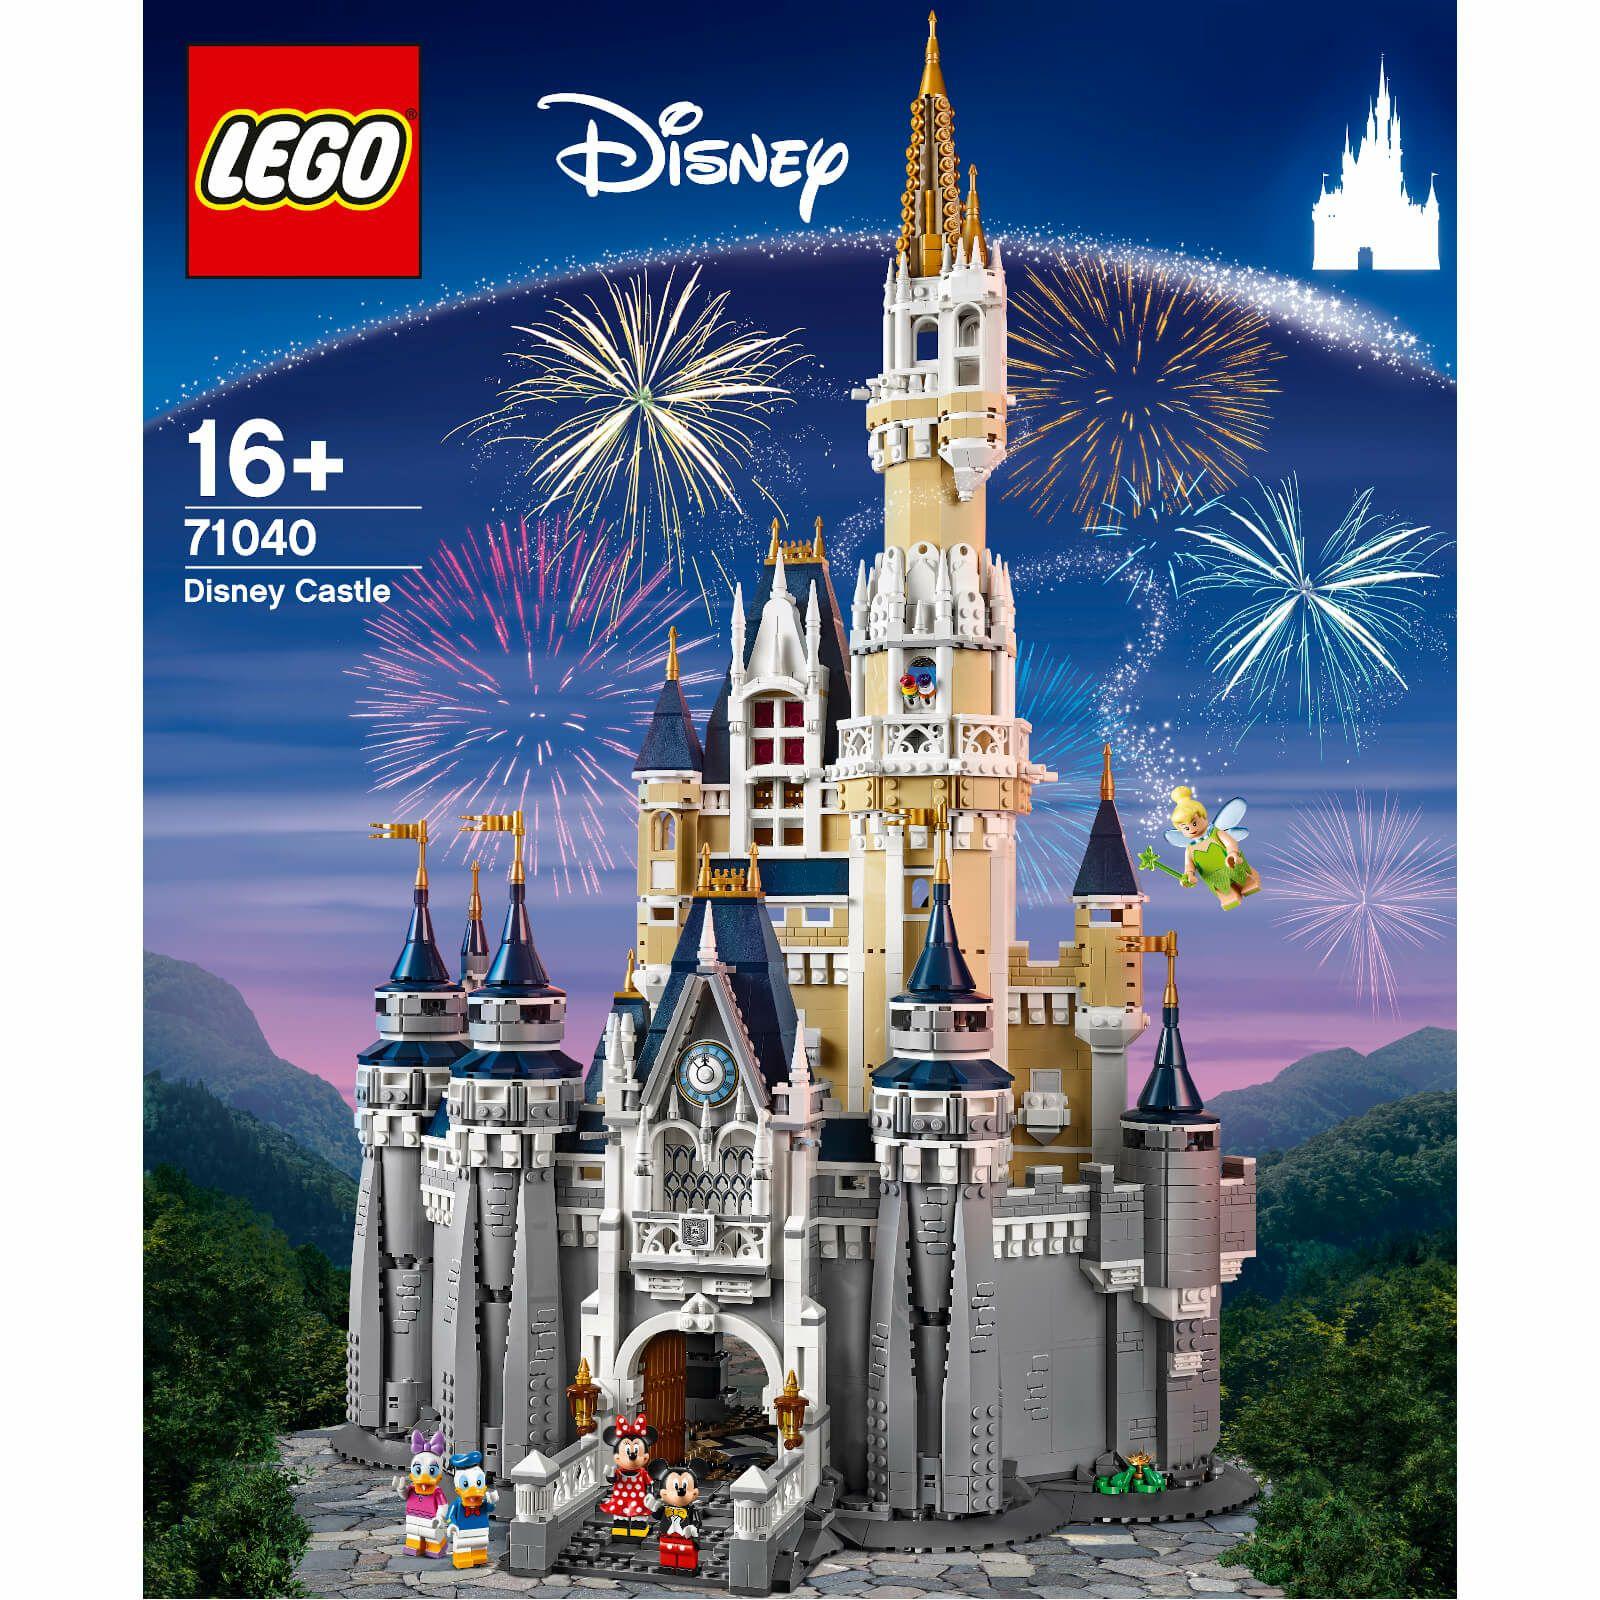 [SOWIA] 71040 Lego Disney Schloss